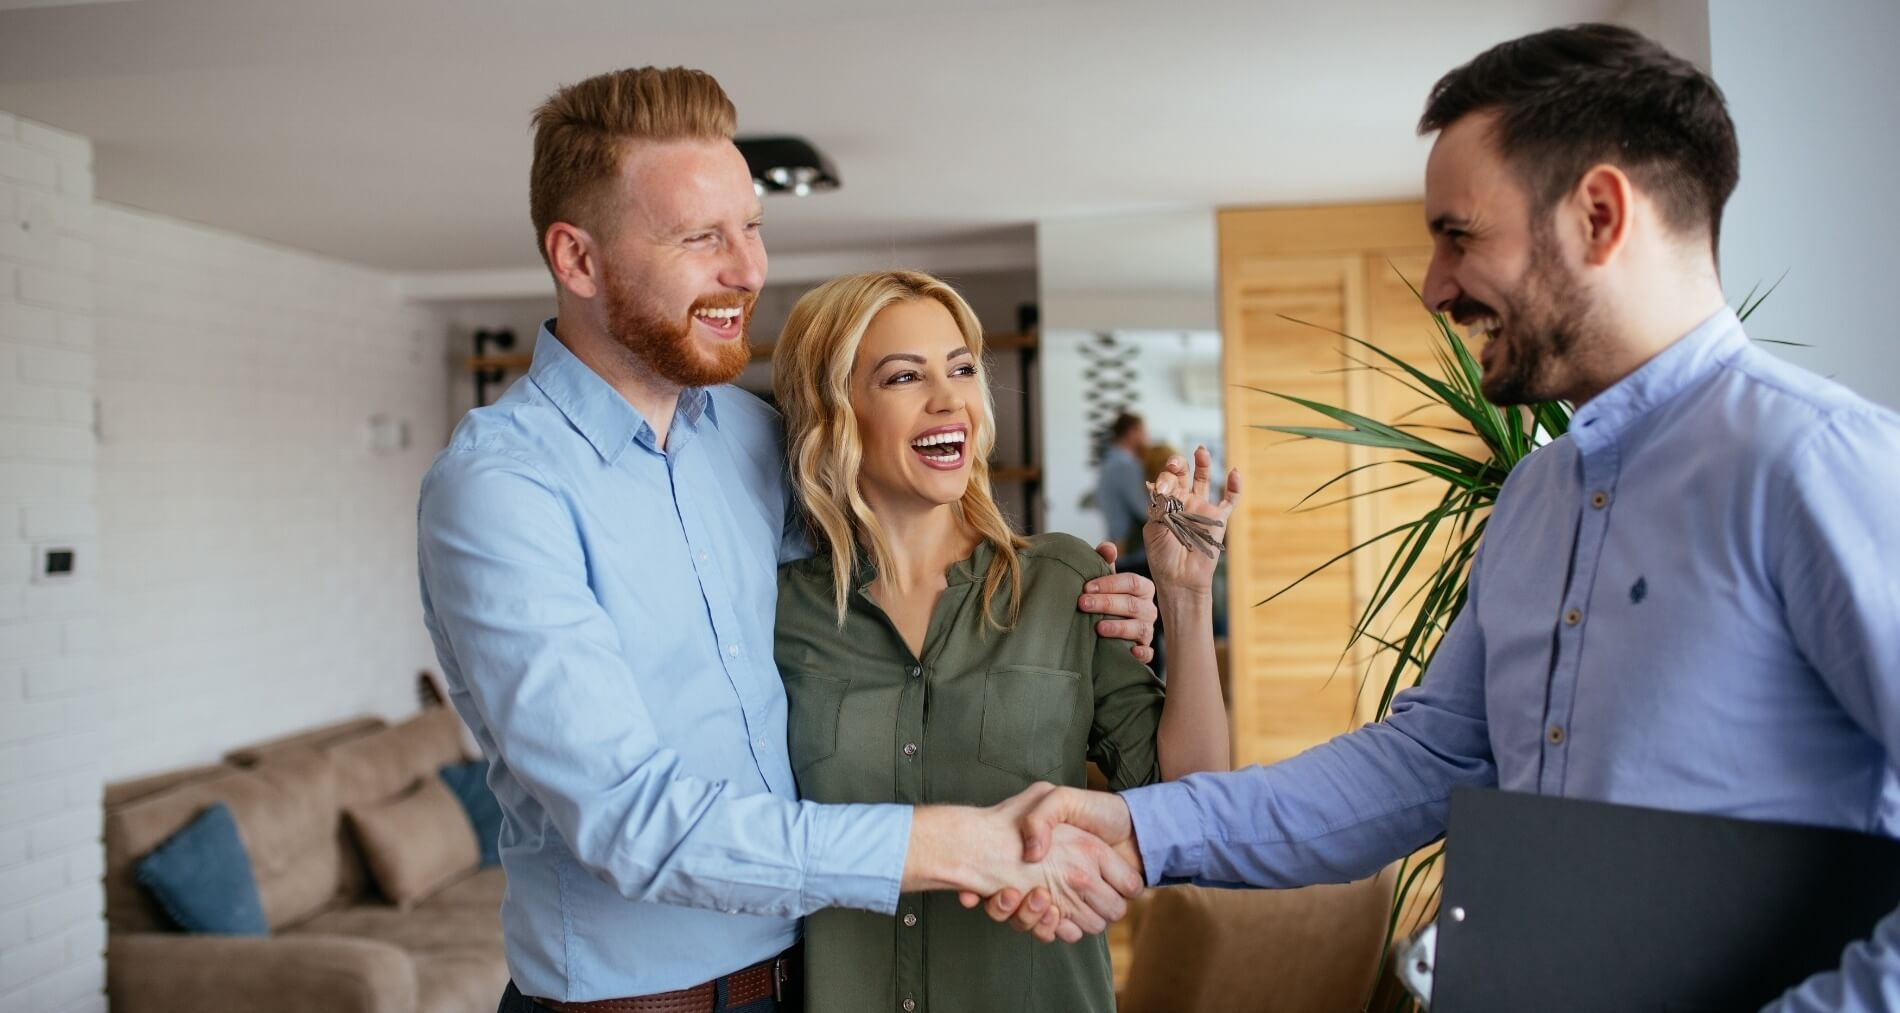 Homeowners Insurance Massachusetts